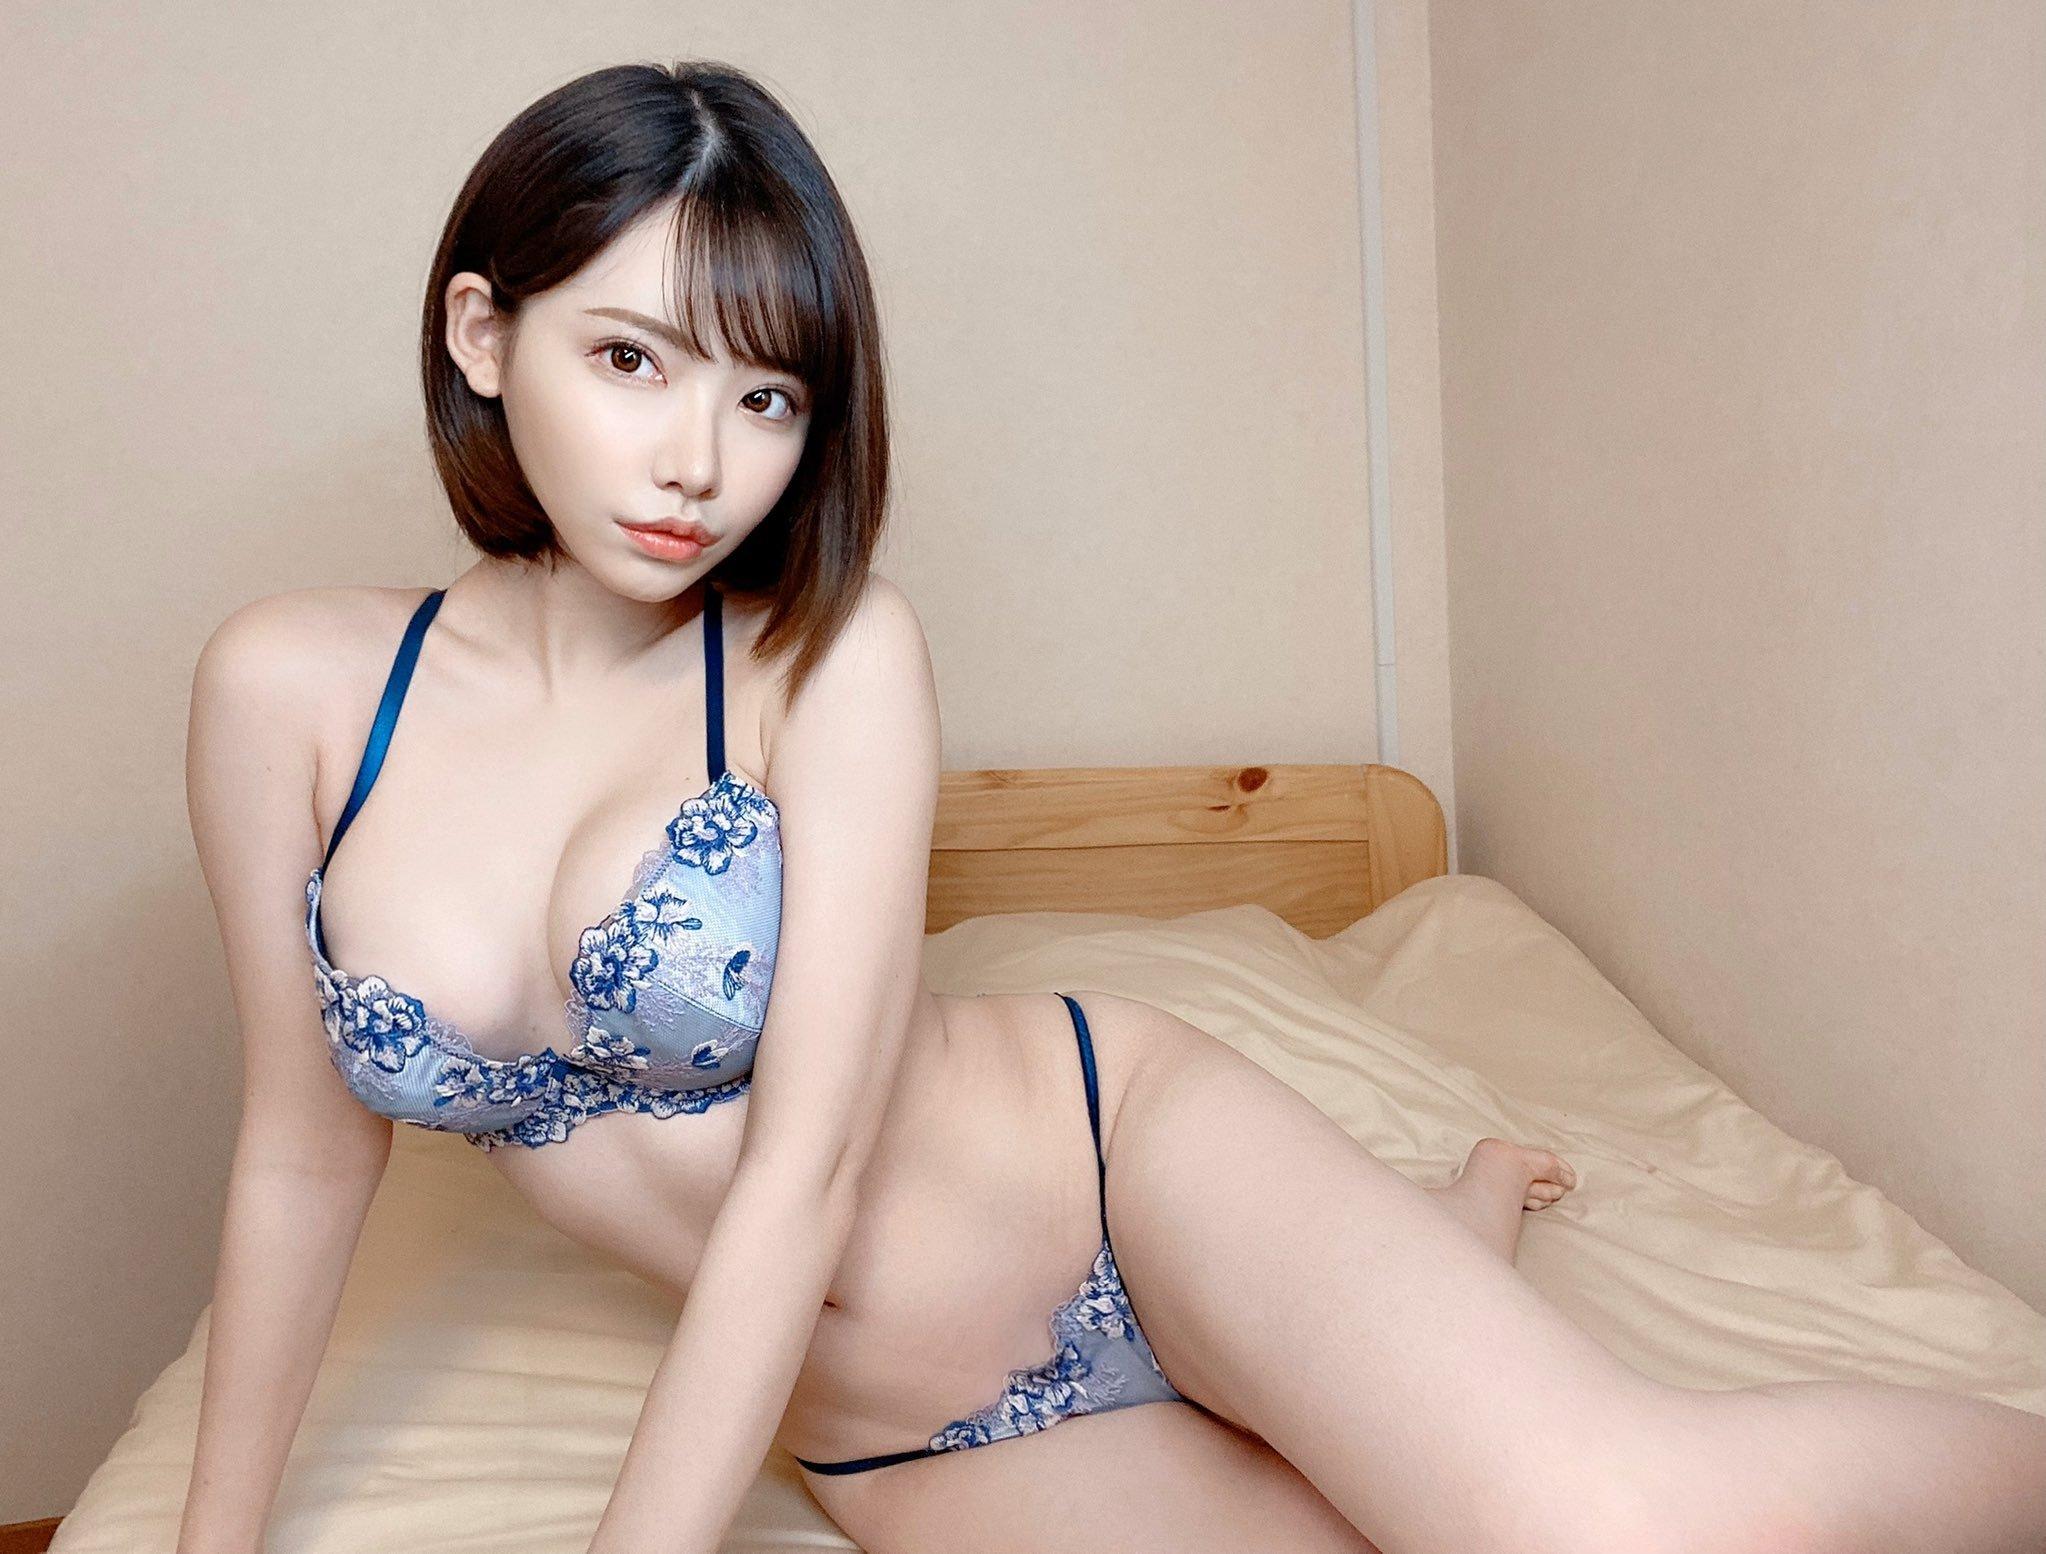 EIMI_FUKADA 1233934379413454848_p0